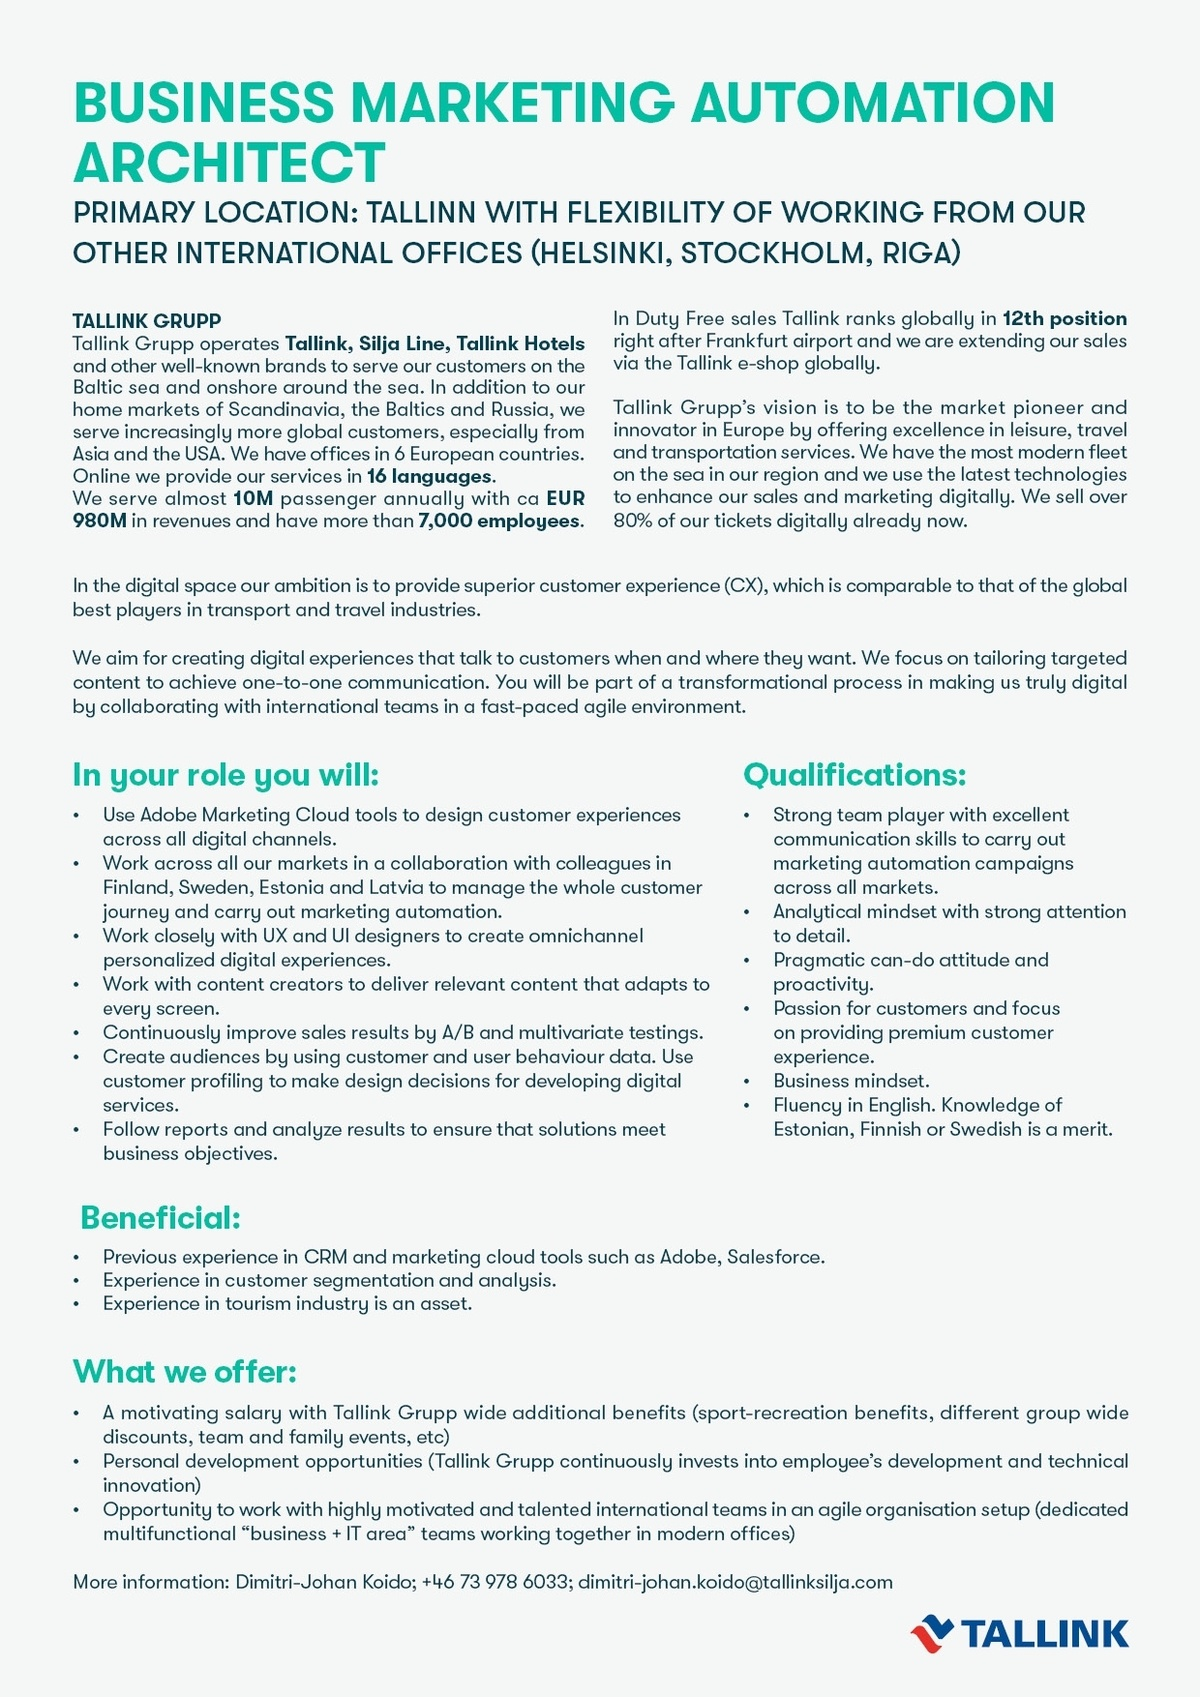 CV Keskus tööpakkumine Business Marketing Automation Architect